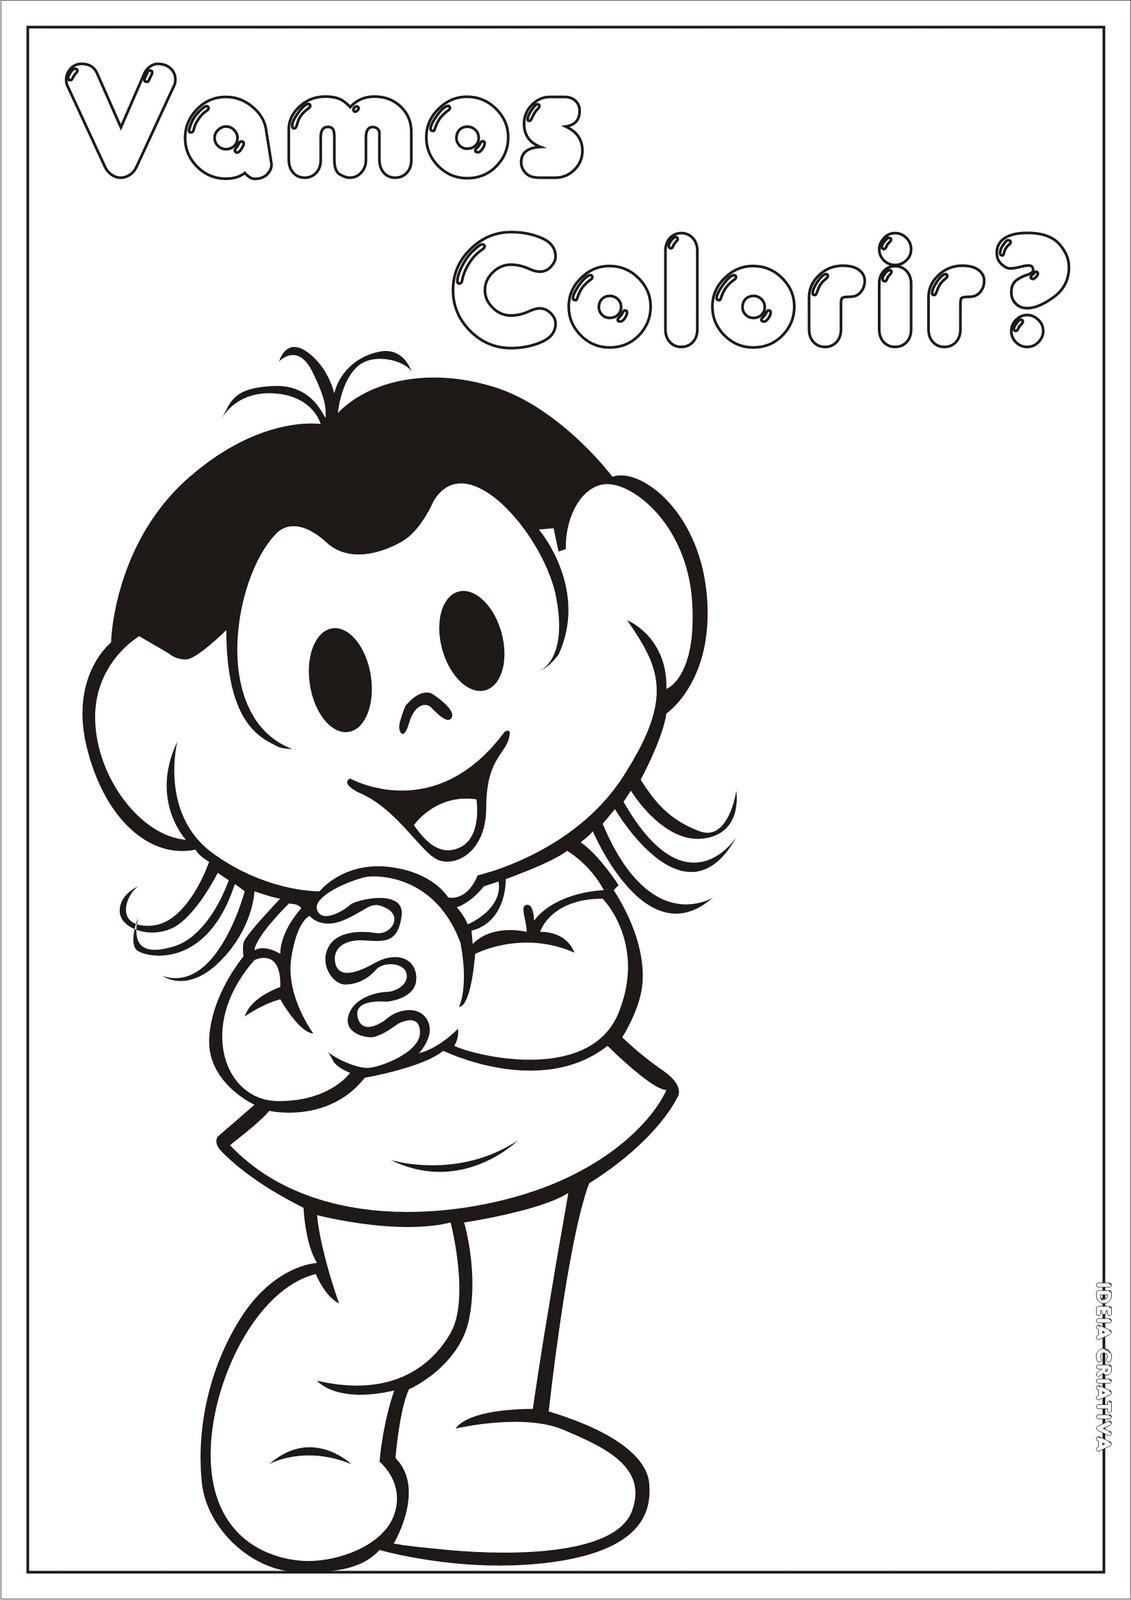 Magali Para Colorir Colorir Desenhos Para Colorir